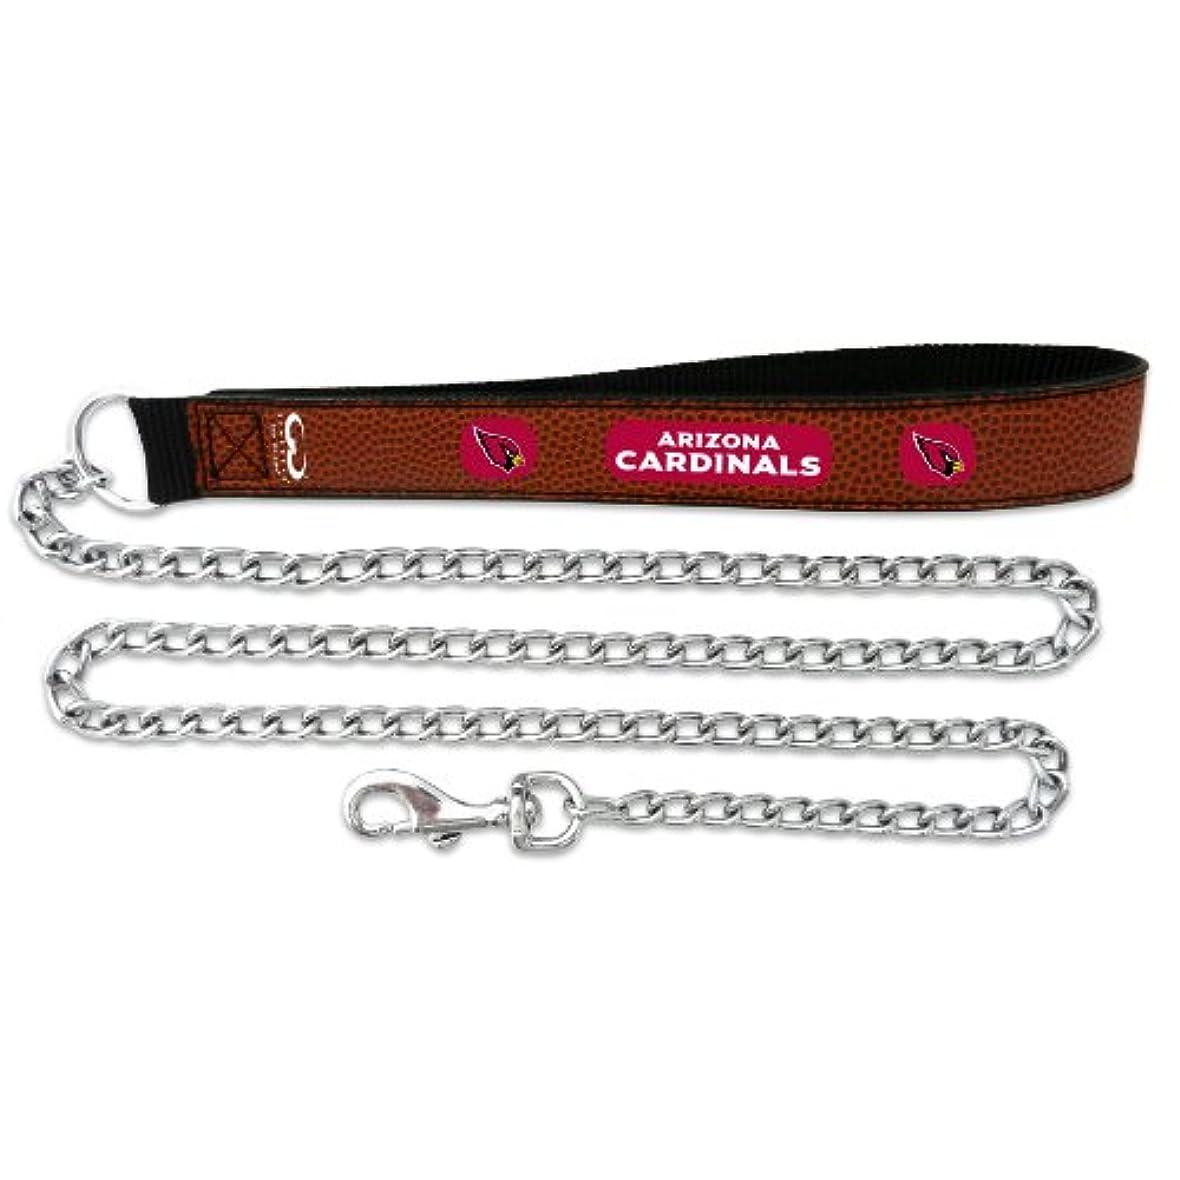 ラック糞記念日Arizona Cardinals Football Leather 2.5mm Chain Leash - M